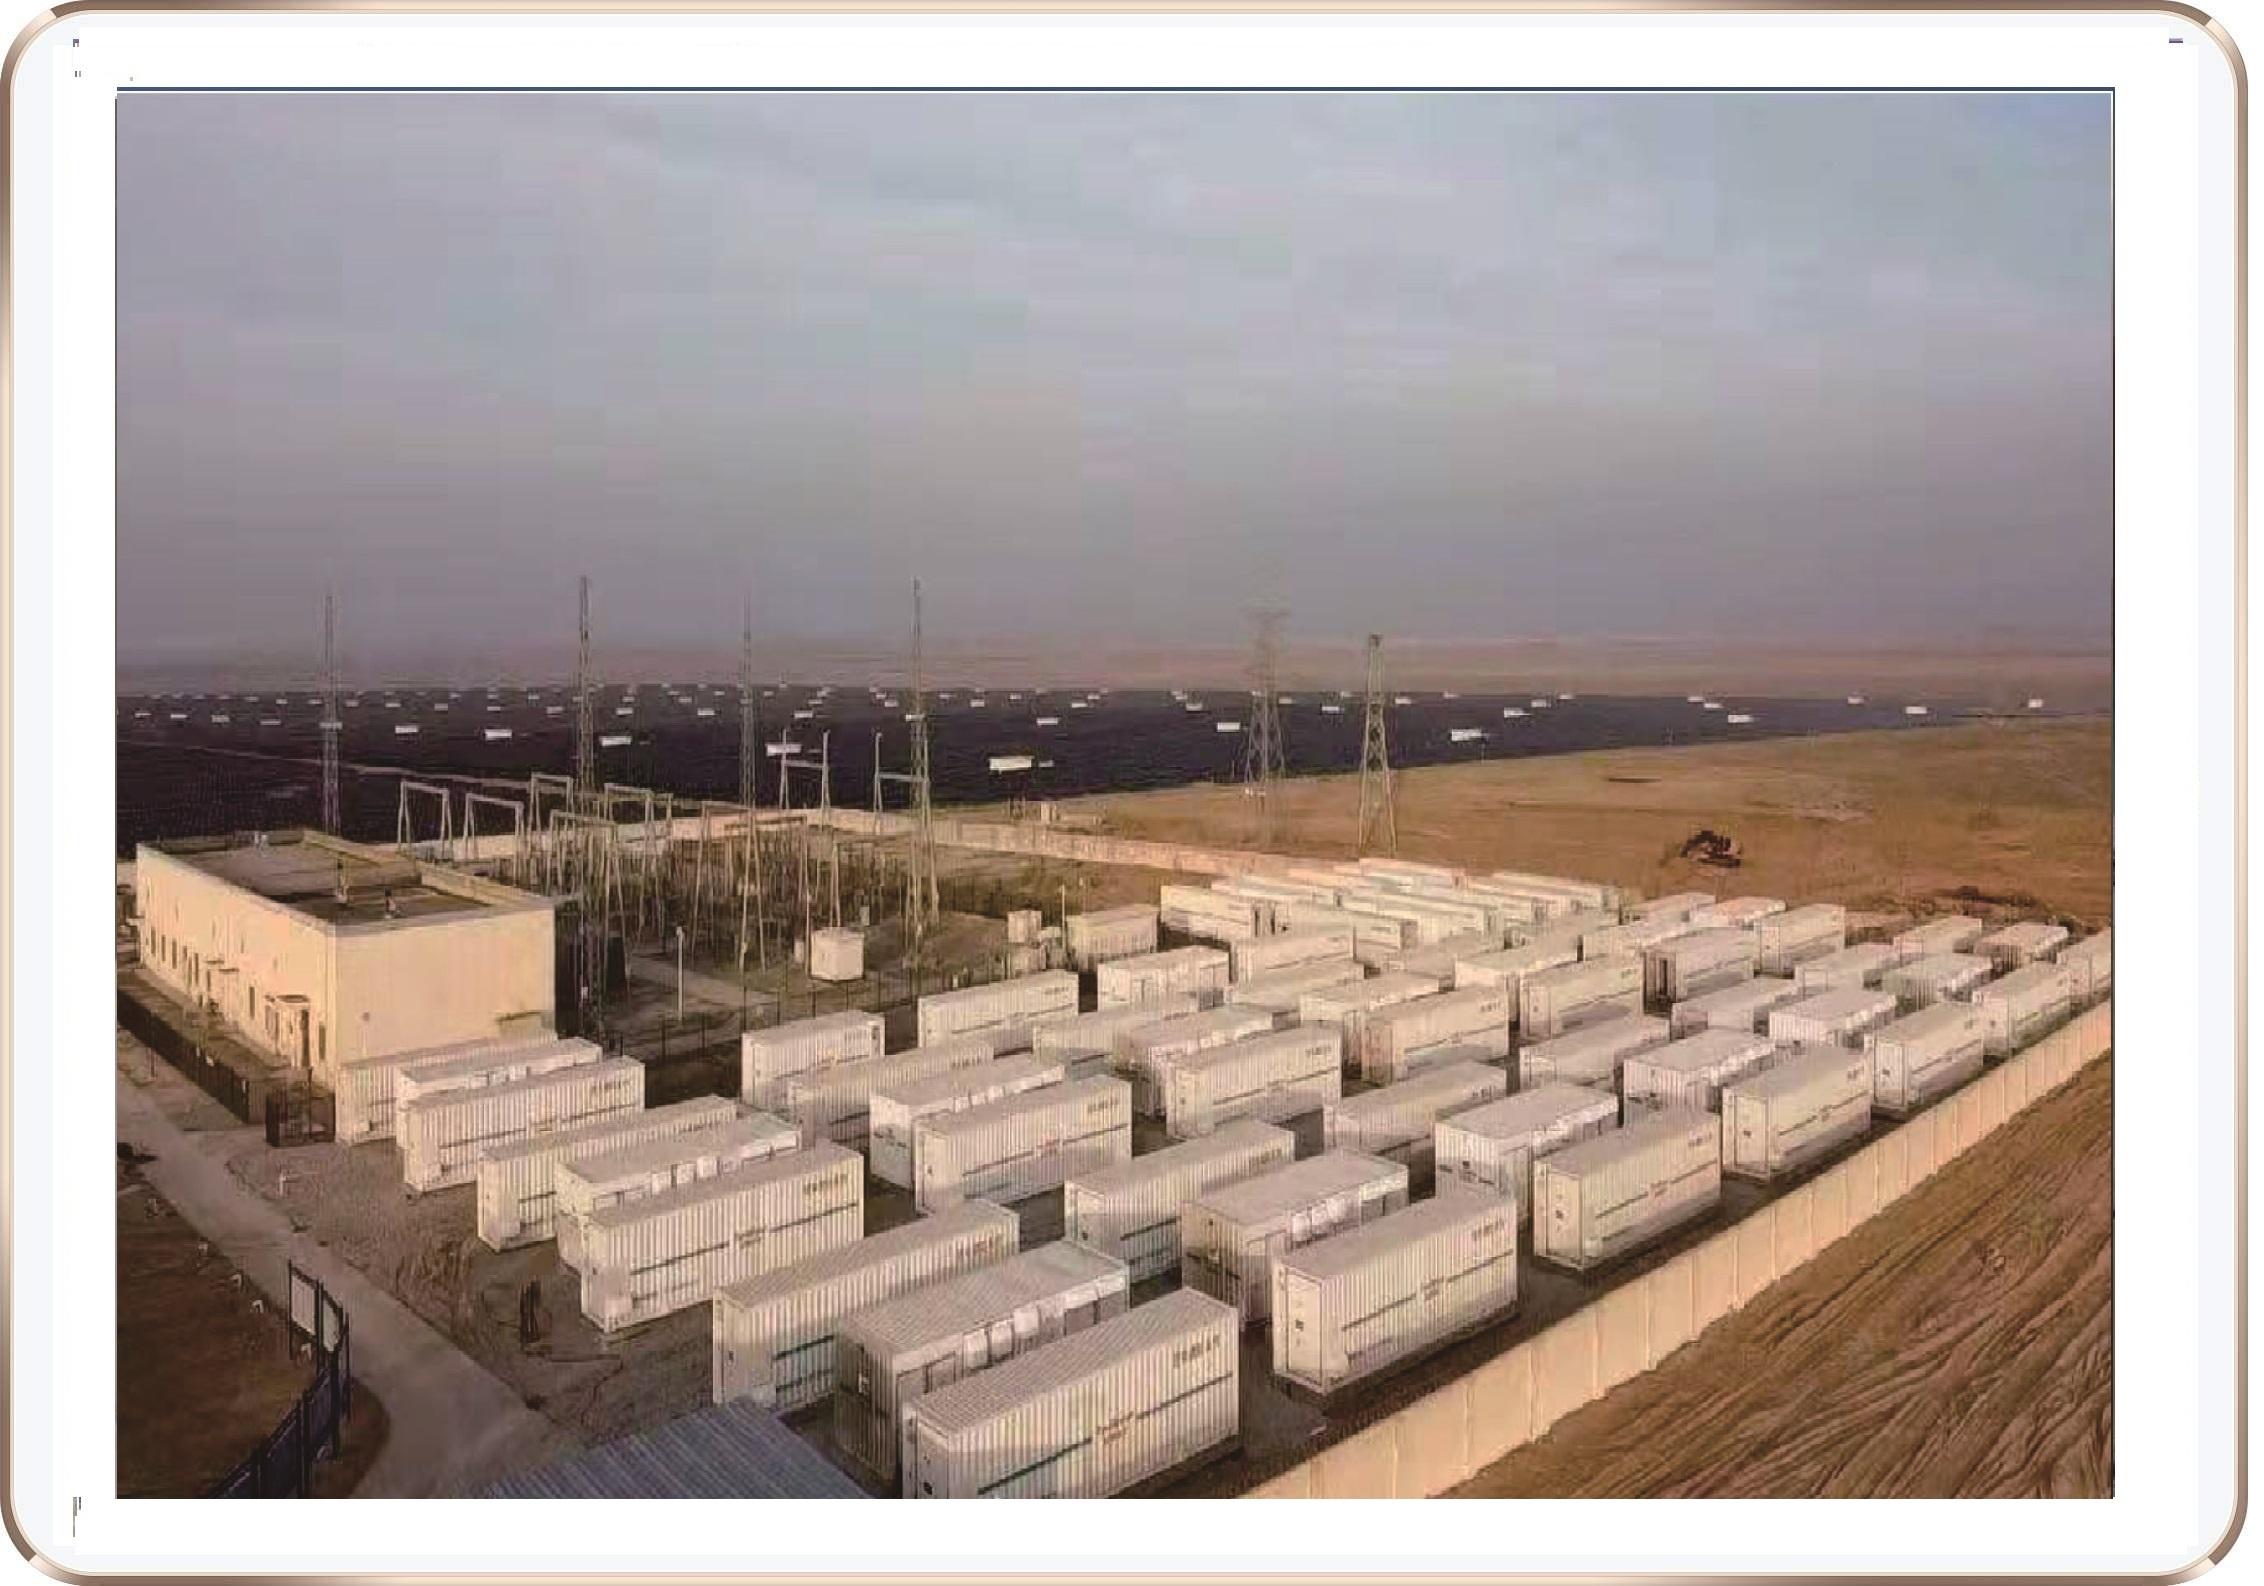 喜讯:上海盖鼎中标(202.86MW/202.86MWh海南州特高压外送基地电源配置项目)储能集装箱空调